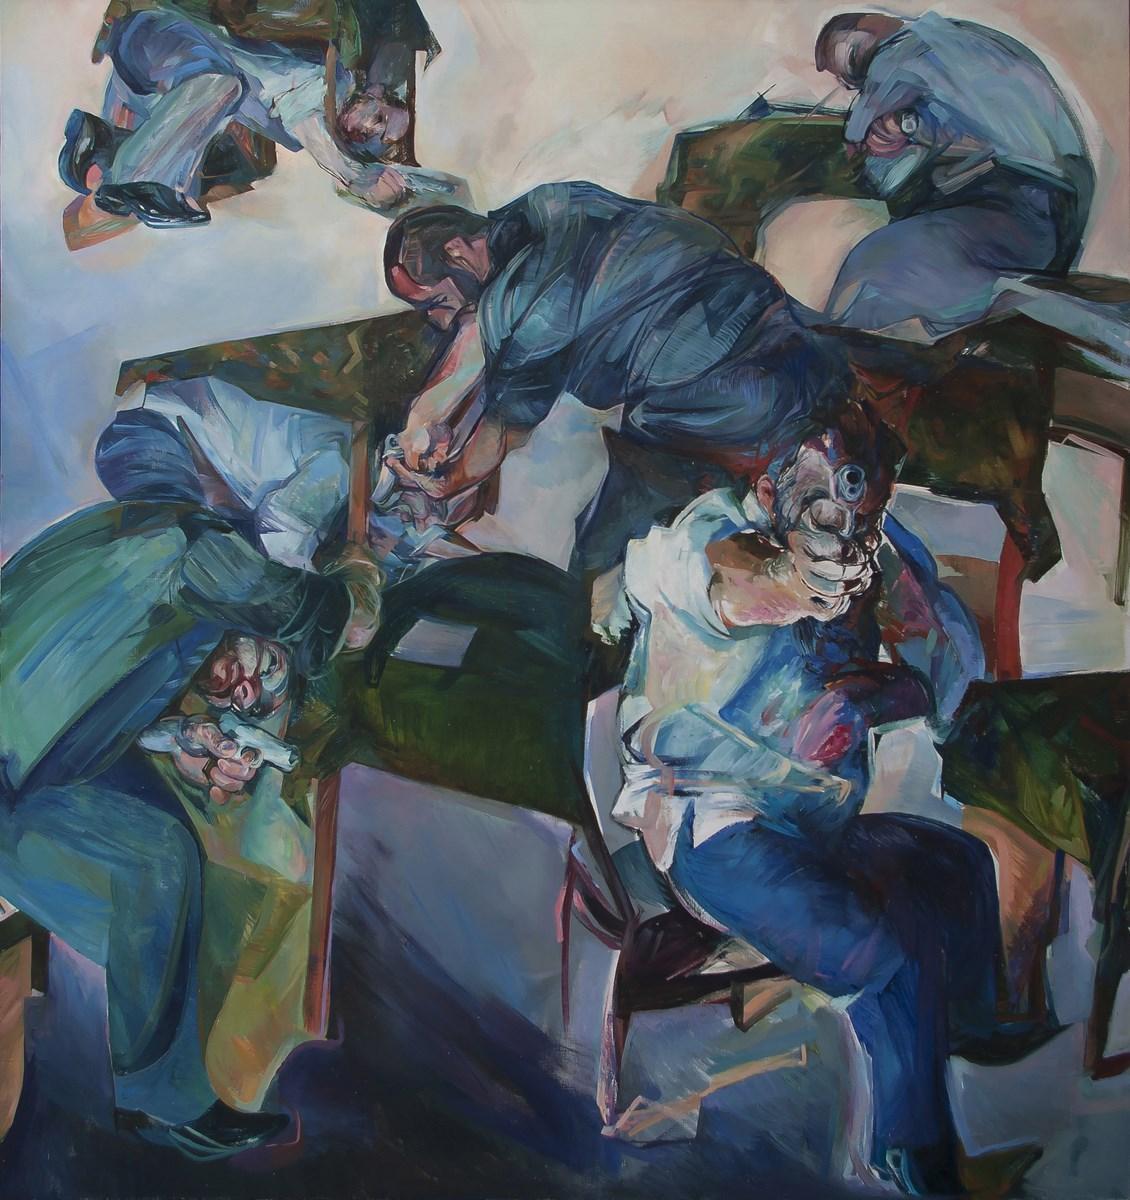 """Beata Bigaj, """"Prawy do lewego lub dobre stosunki"""", 180x190 cm, olej na płótnie, 2011 (źródło: materiały prasowe organizatora)"""